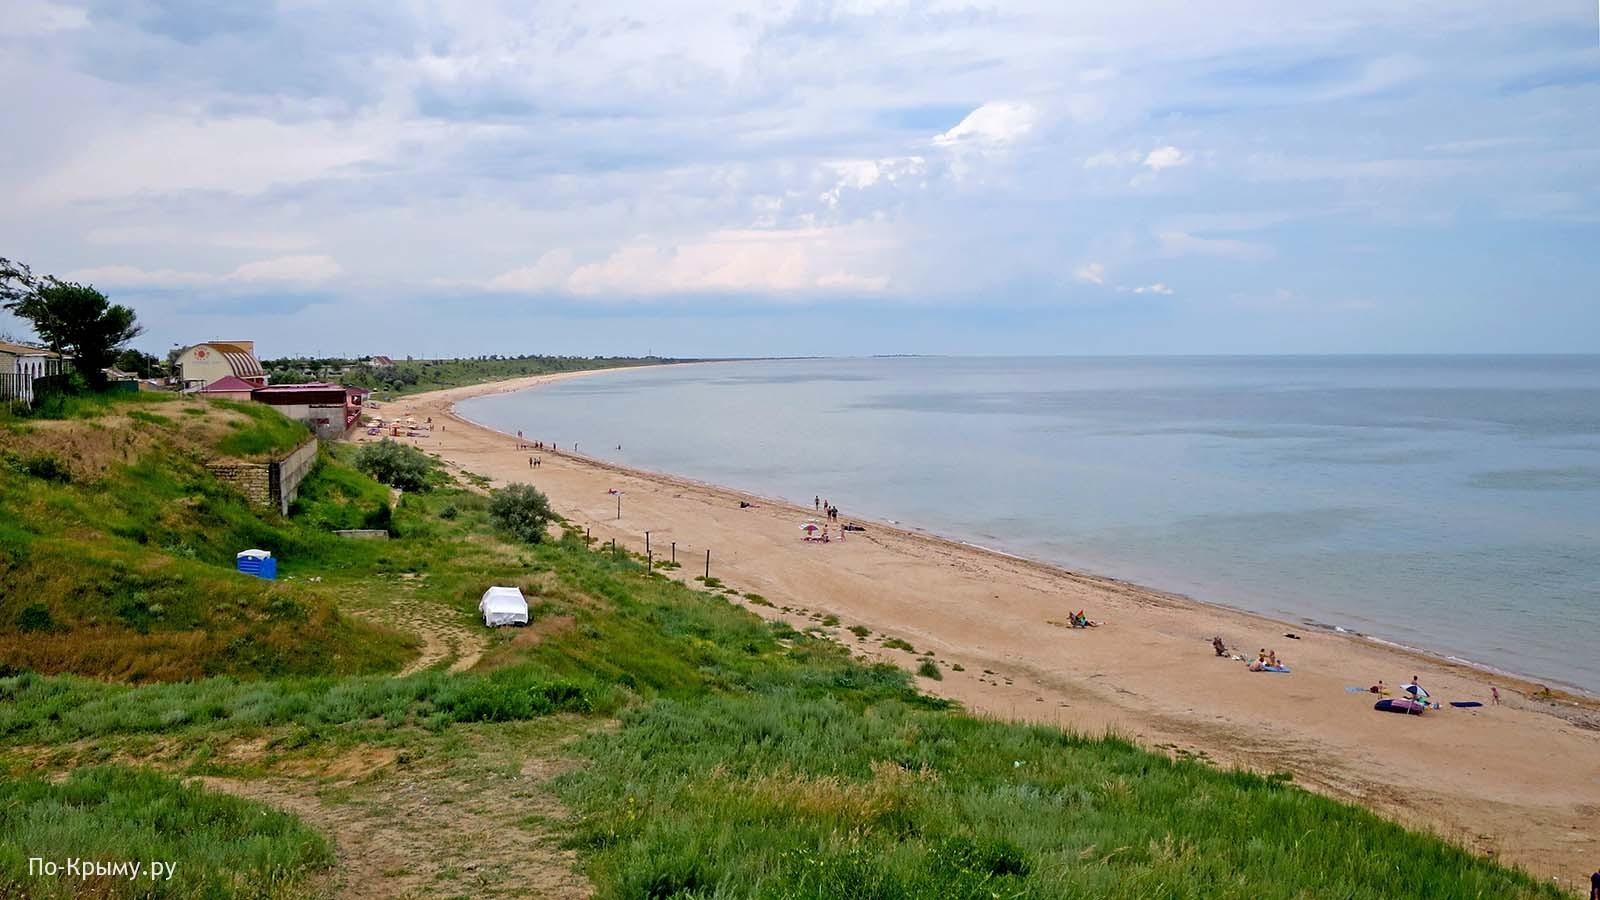 Арабатский залив, пляж поселка Каменское